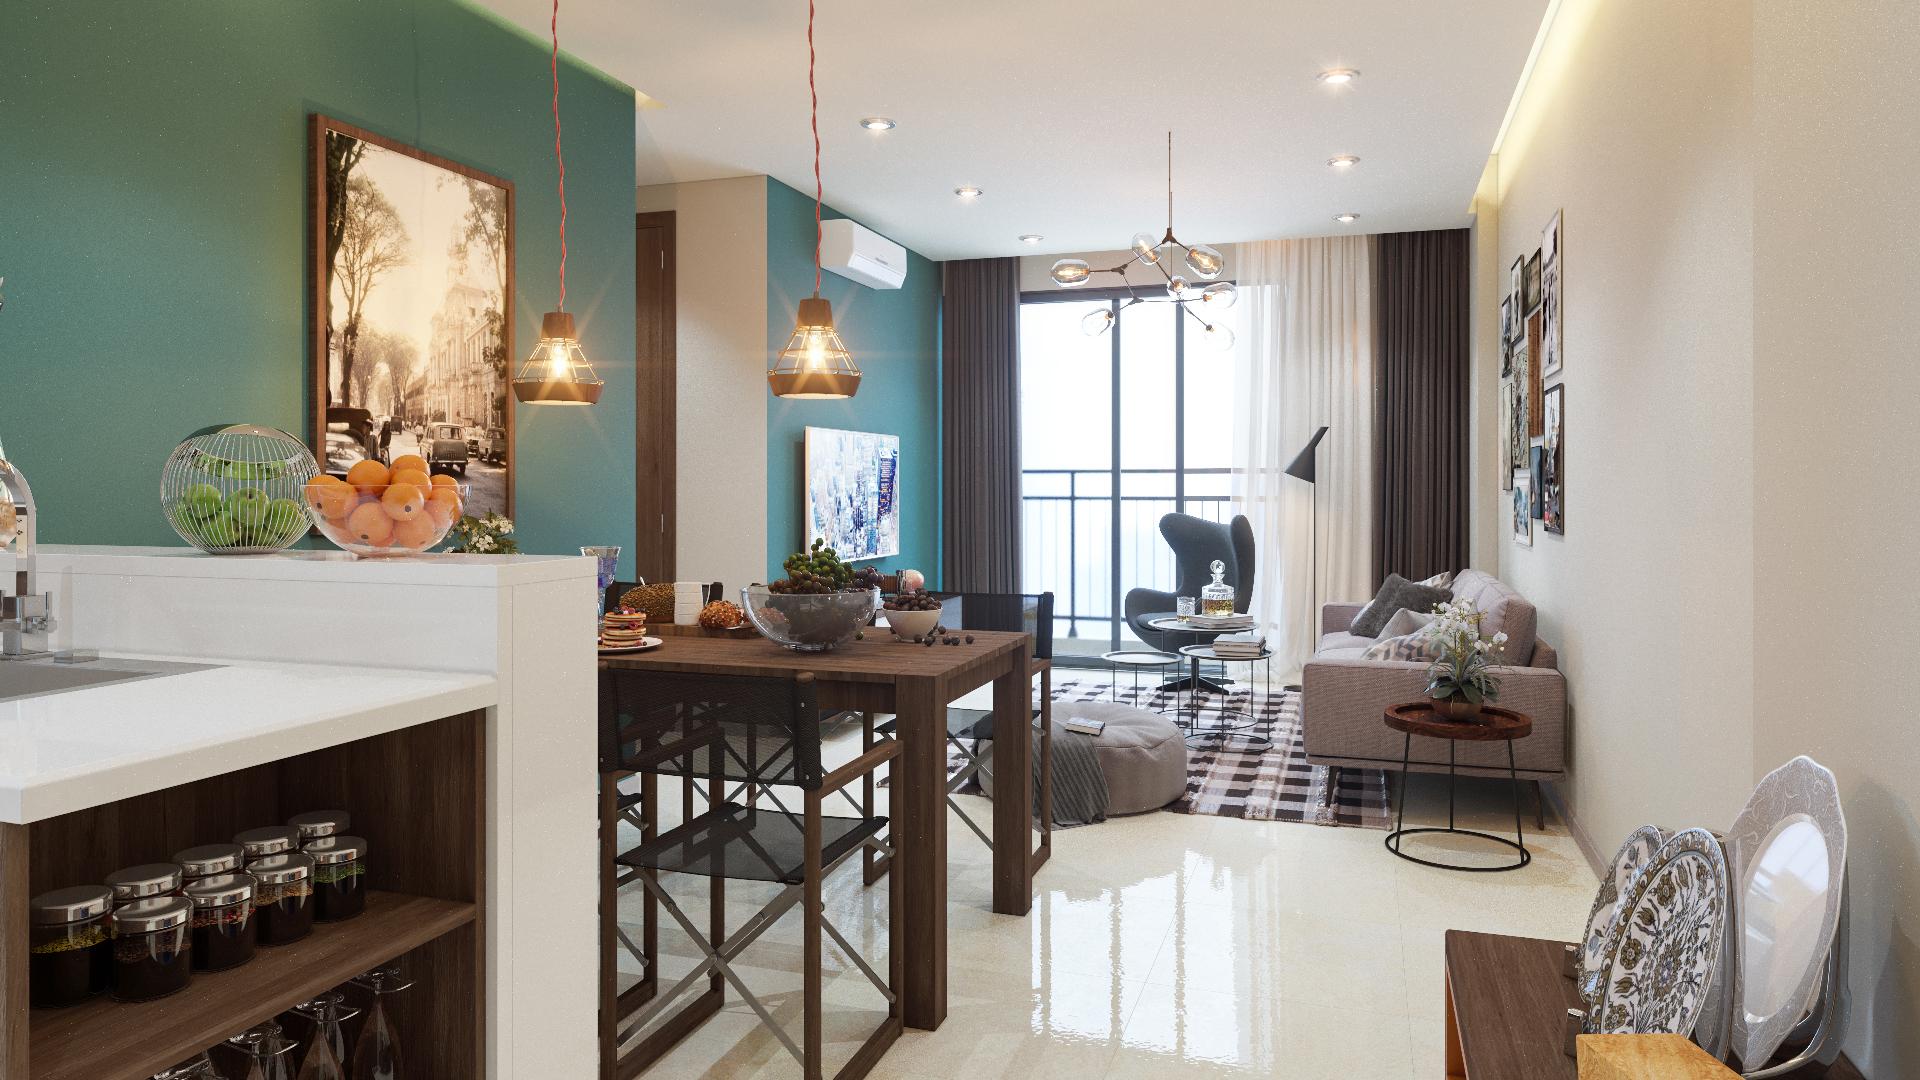 6 kiểu trang trí nội thất phòng khách đẹp theo phong cách Retro độc đáo 04